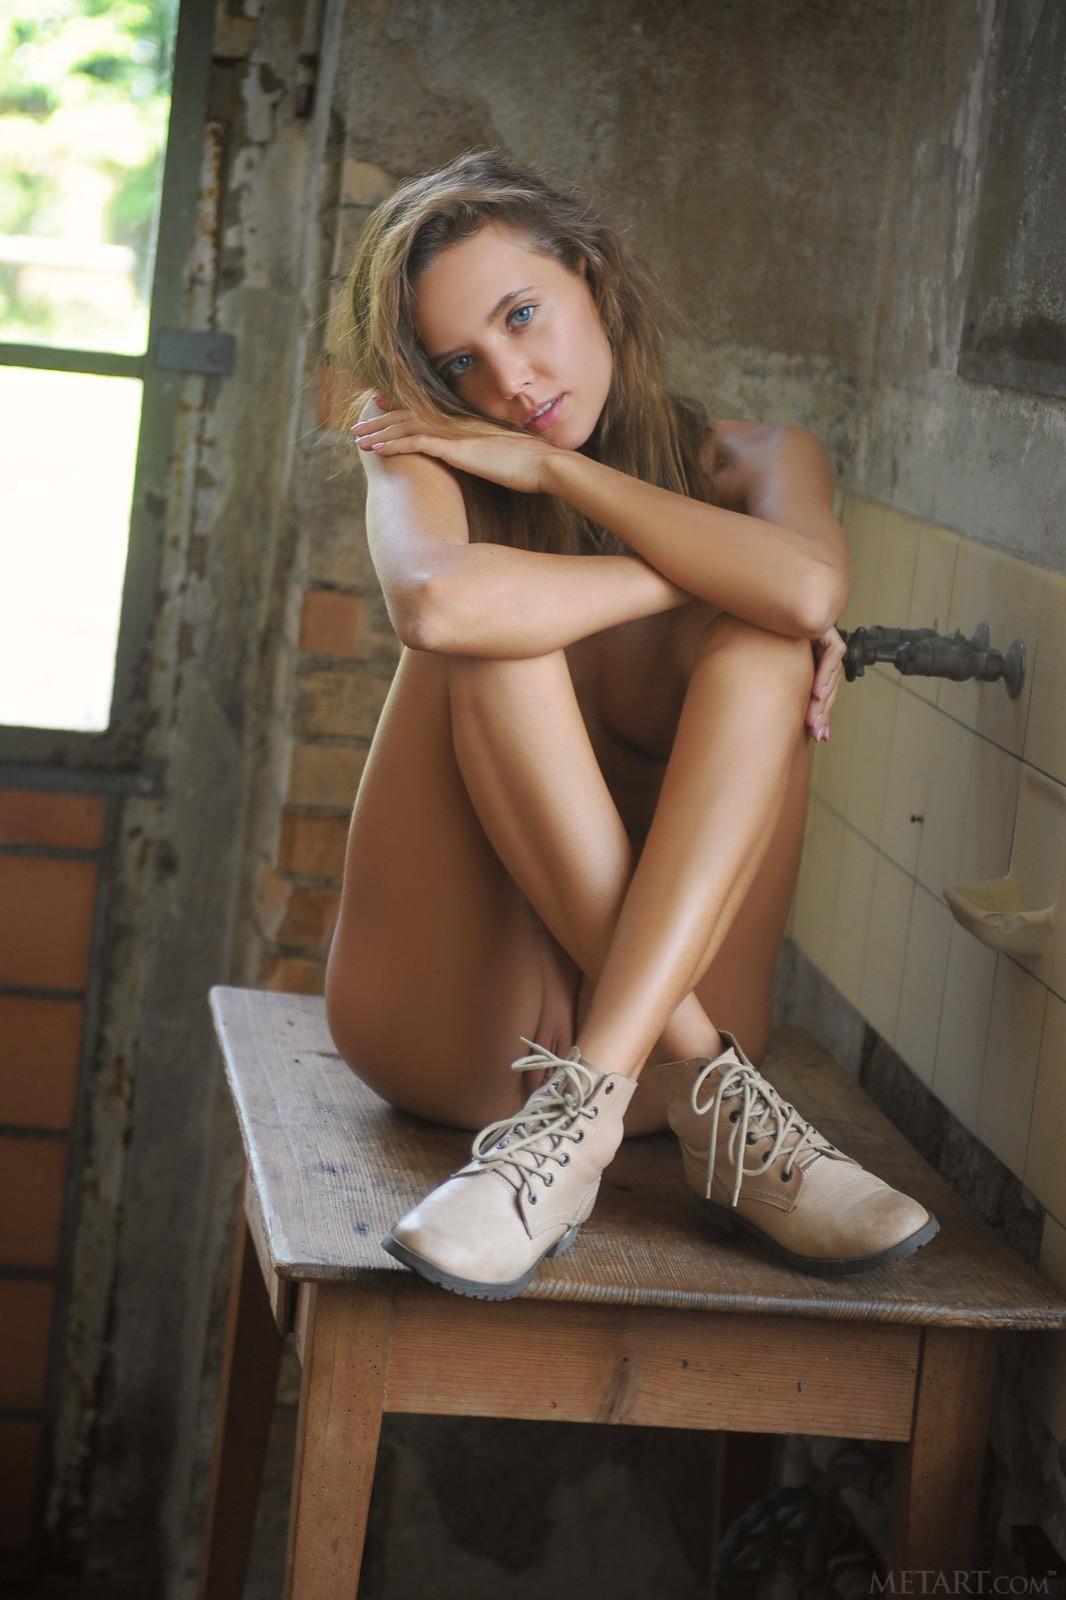 Молодая девушка в промышленном помещении - фото